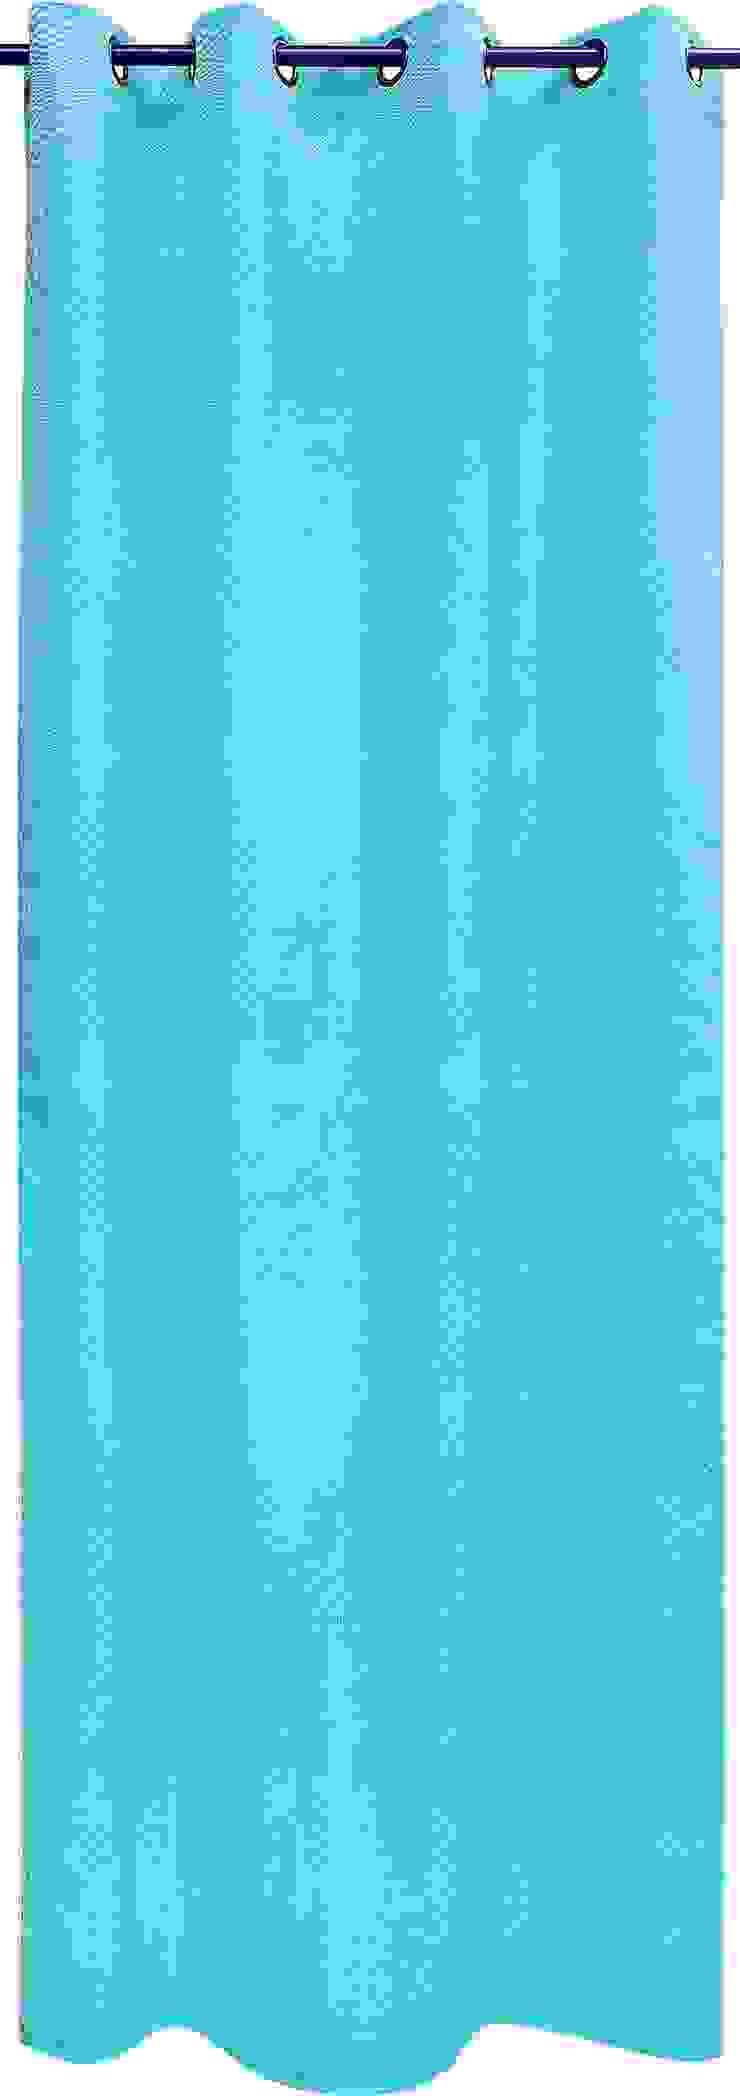 """Rideau """"Seventies"""" - turquoise par La Maison d'Ursule"""